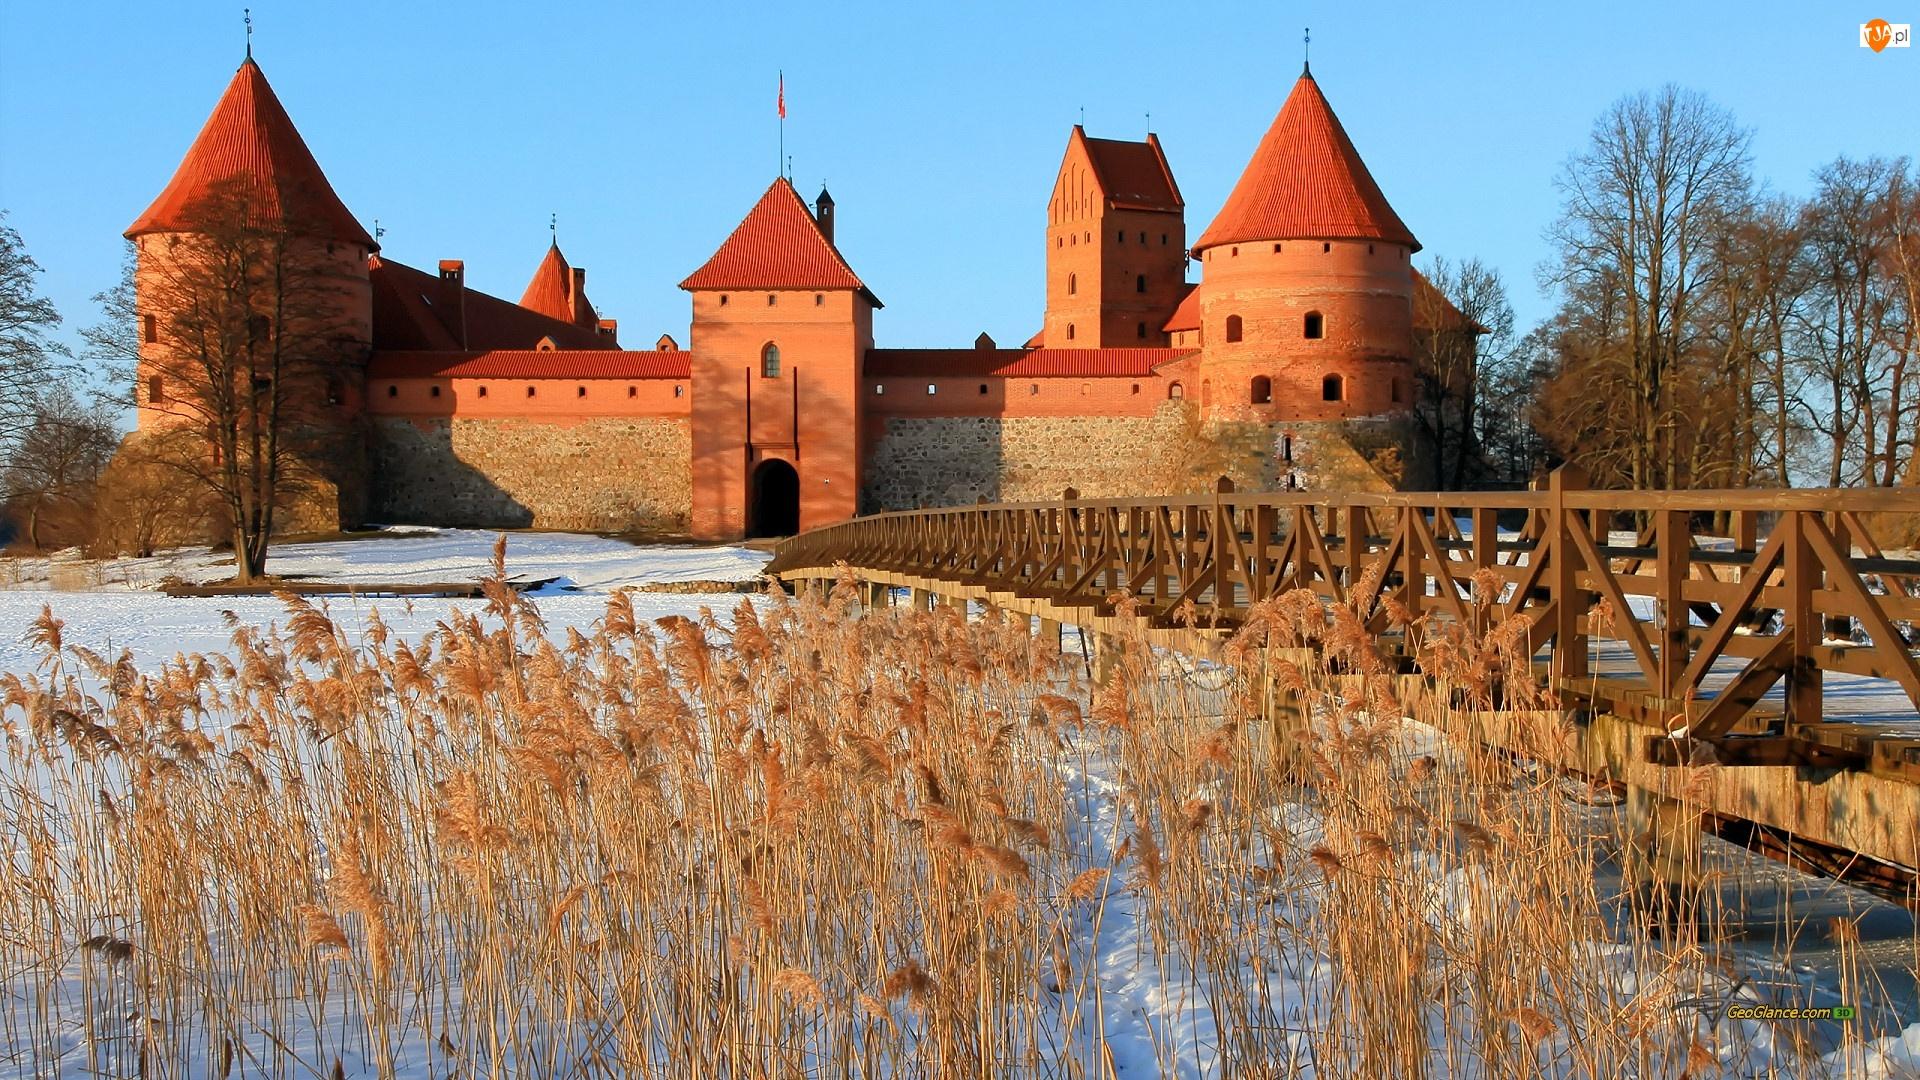 Zima, Zamek w Trokach, Litwa